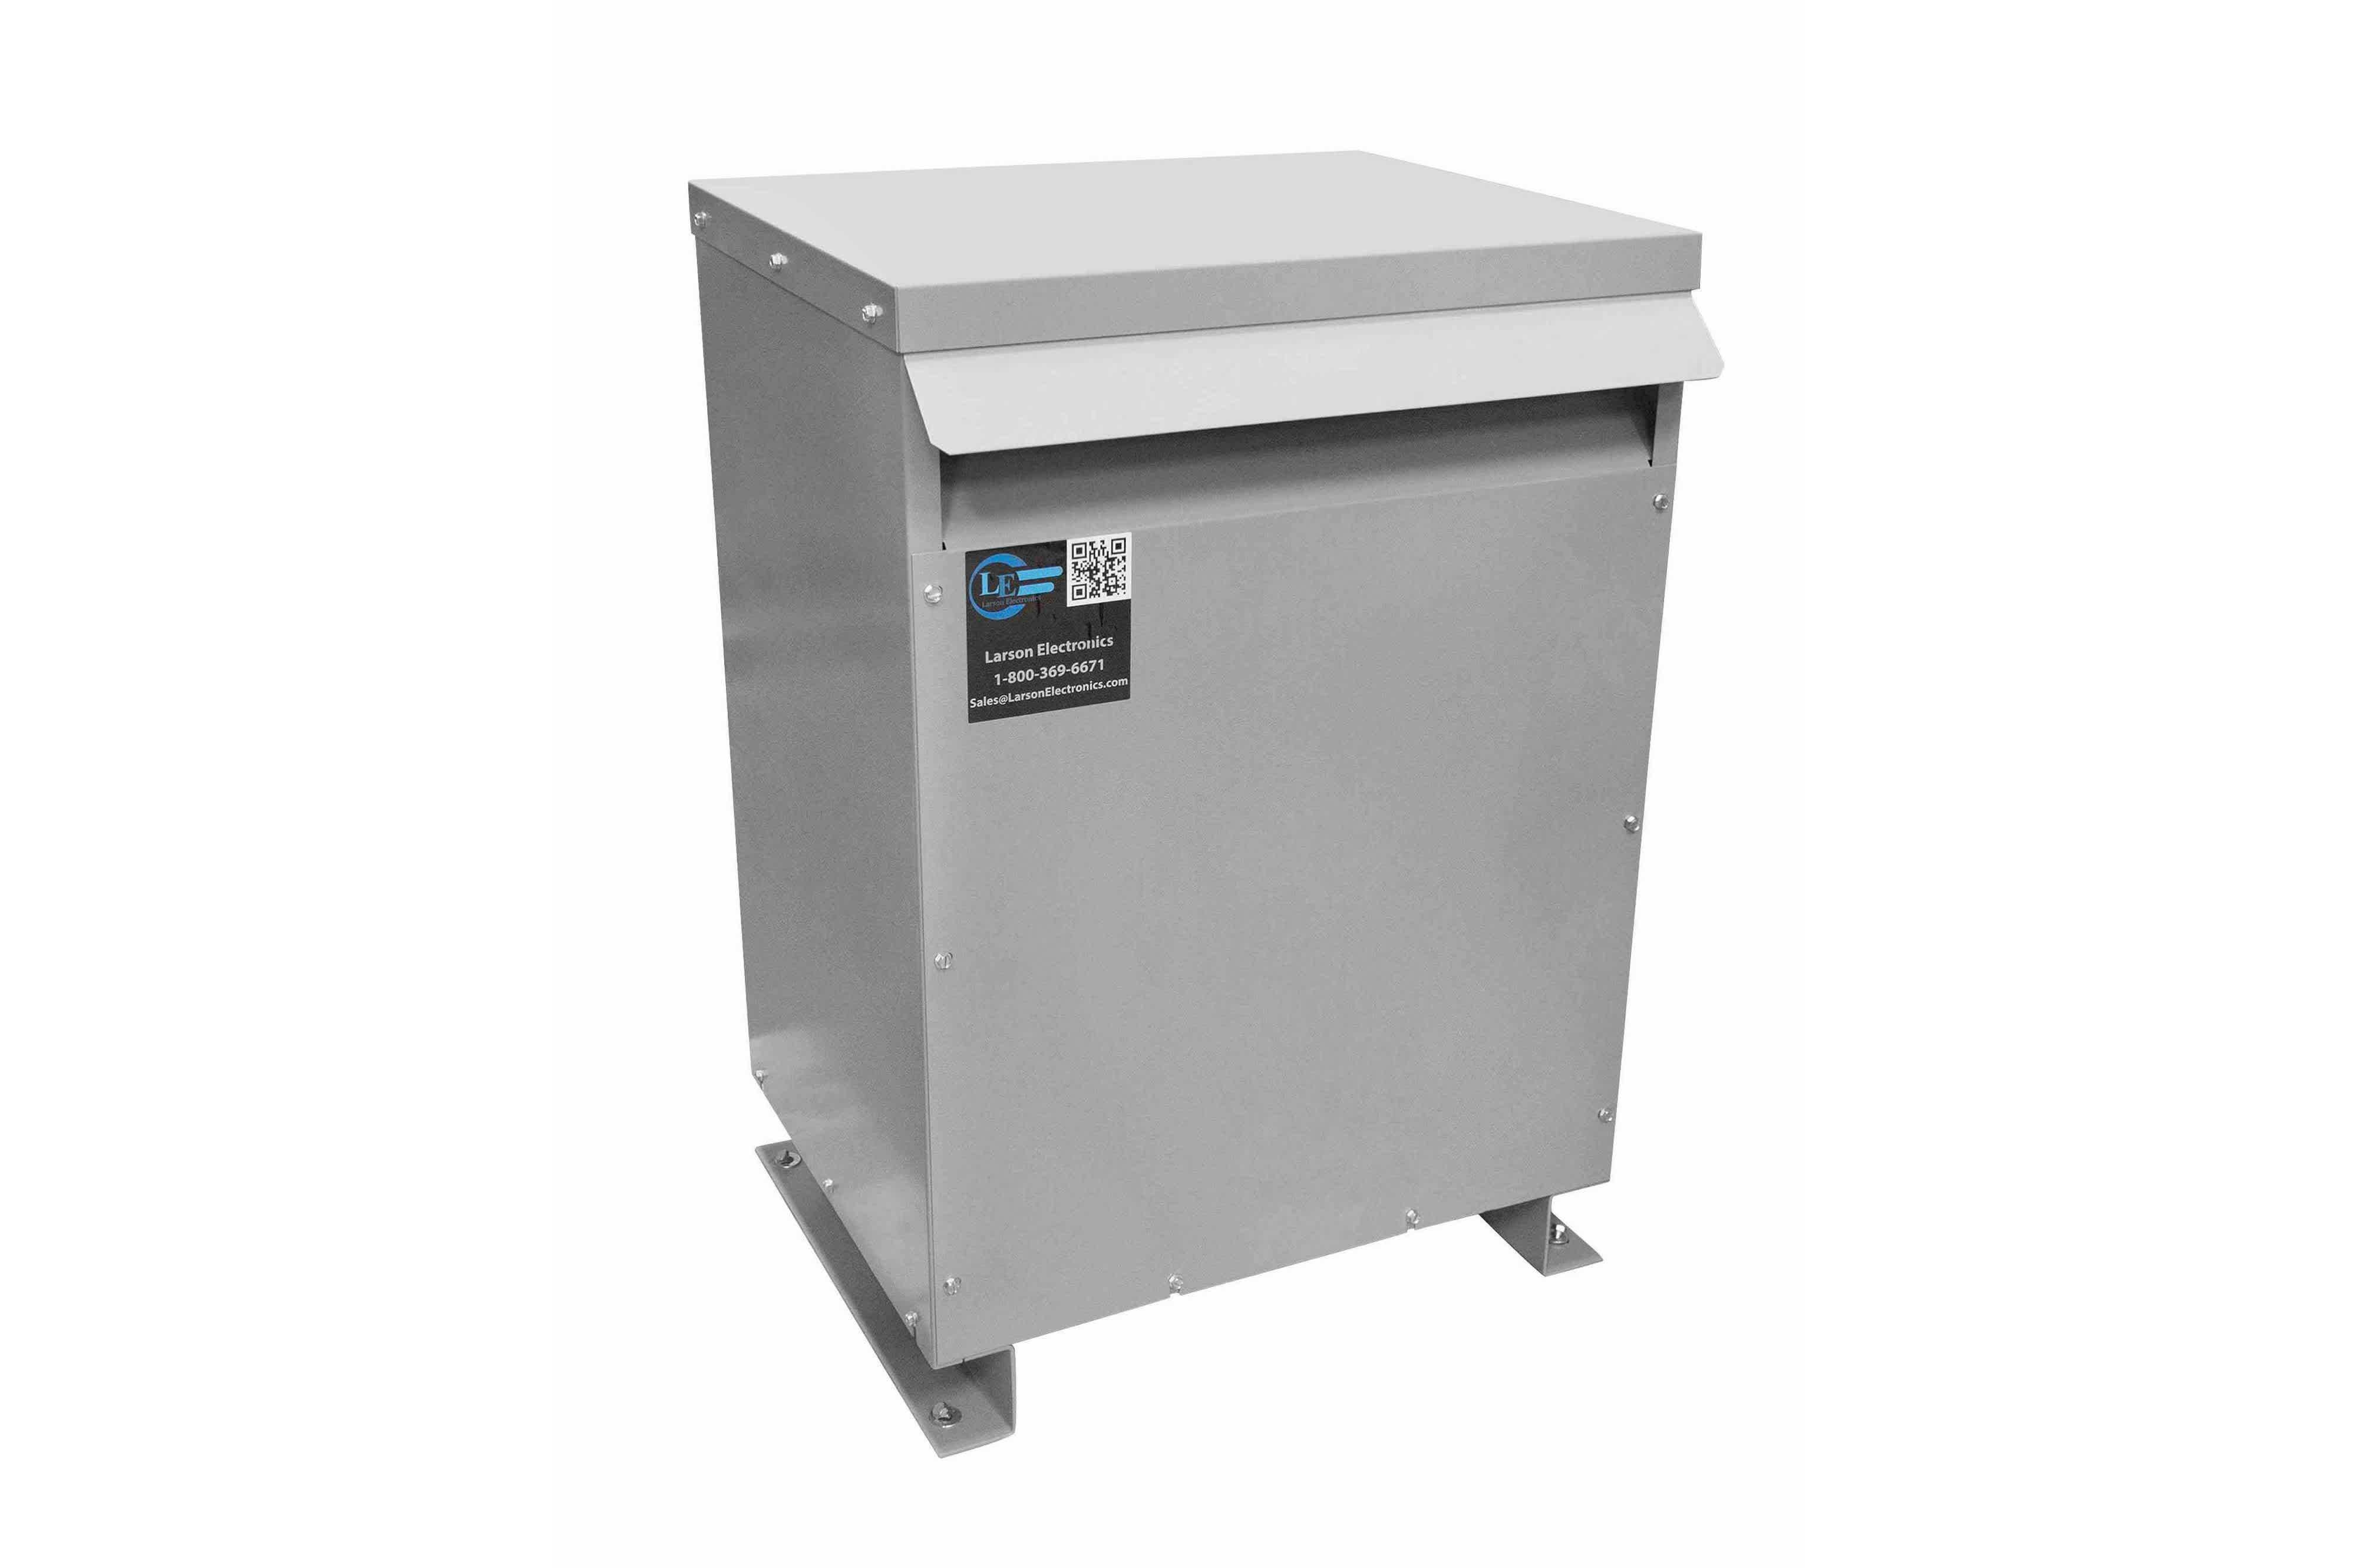 80 kVA 3PH Isolation Transformer, 208V Delta Primary, 380V Delta Secondary, N3R, Ventilated, 60 Hz